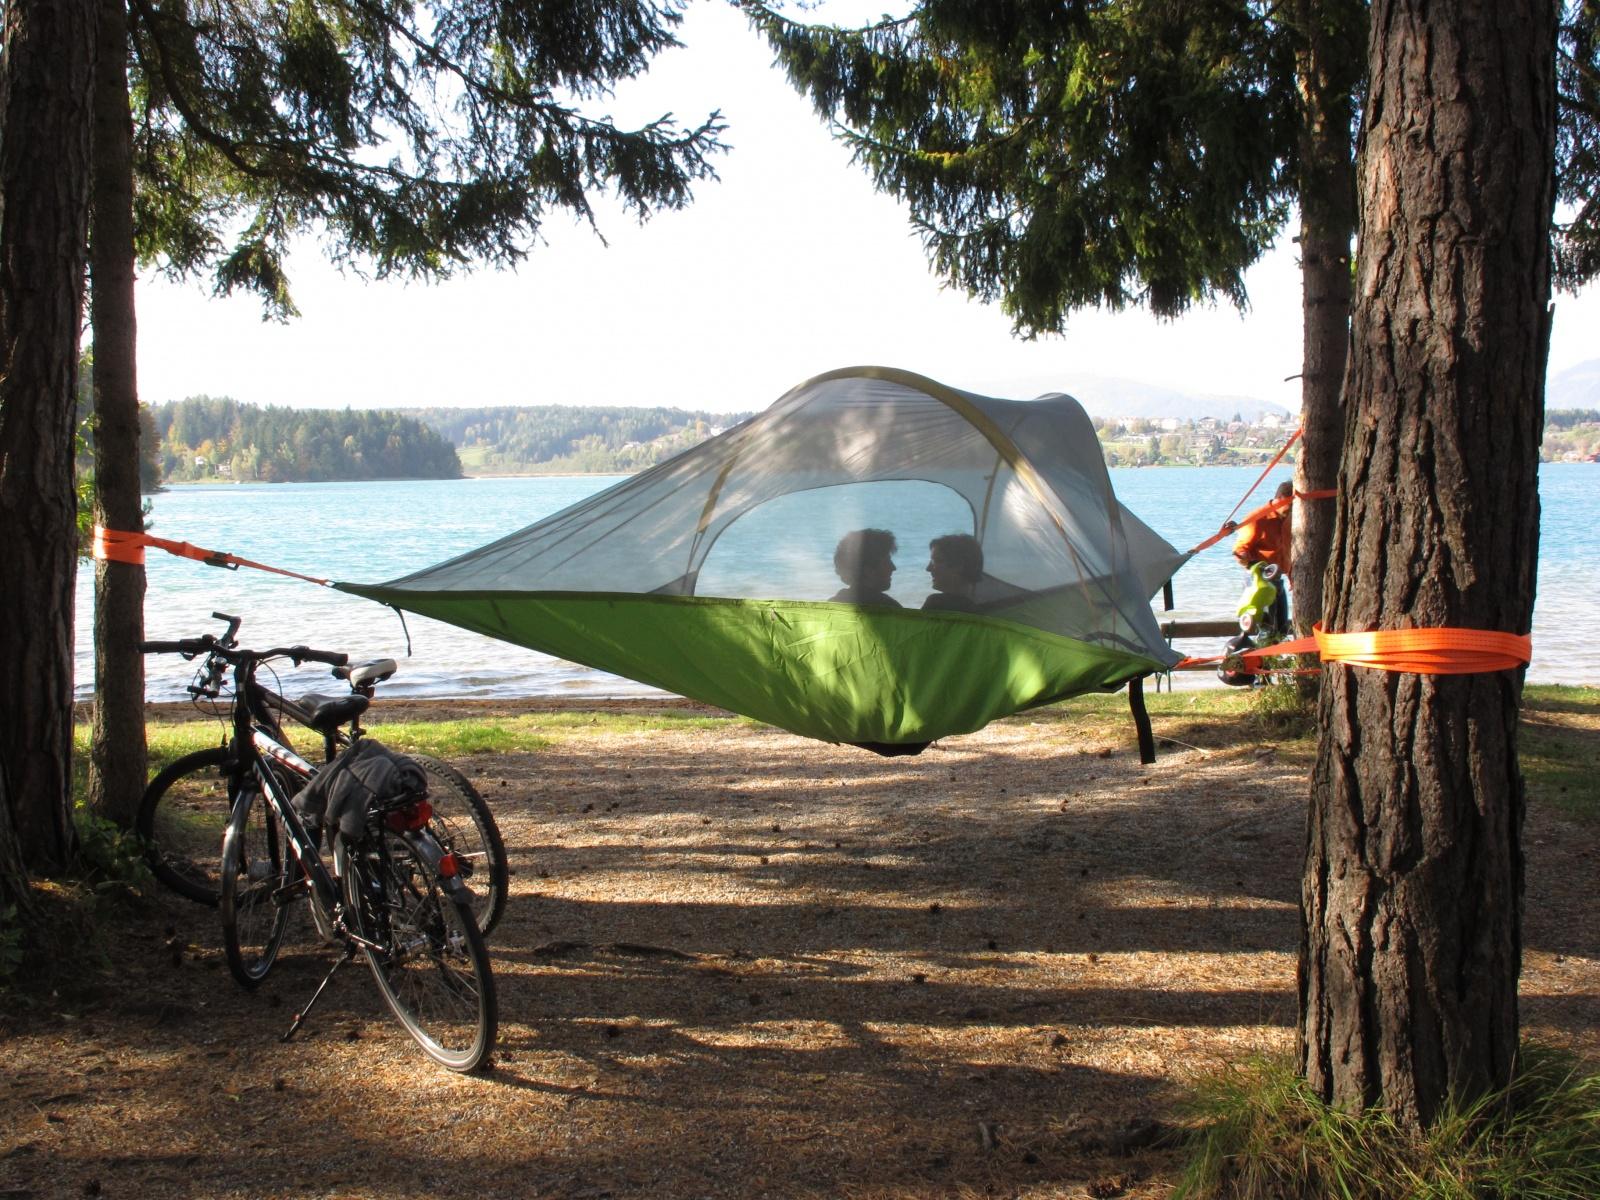 campen blog camping anderwald. Black Bedroom Furniture Sets. Home Design Ideas